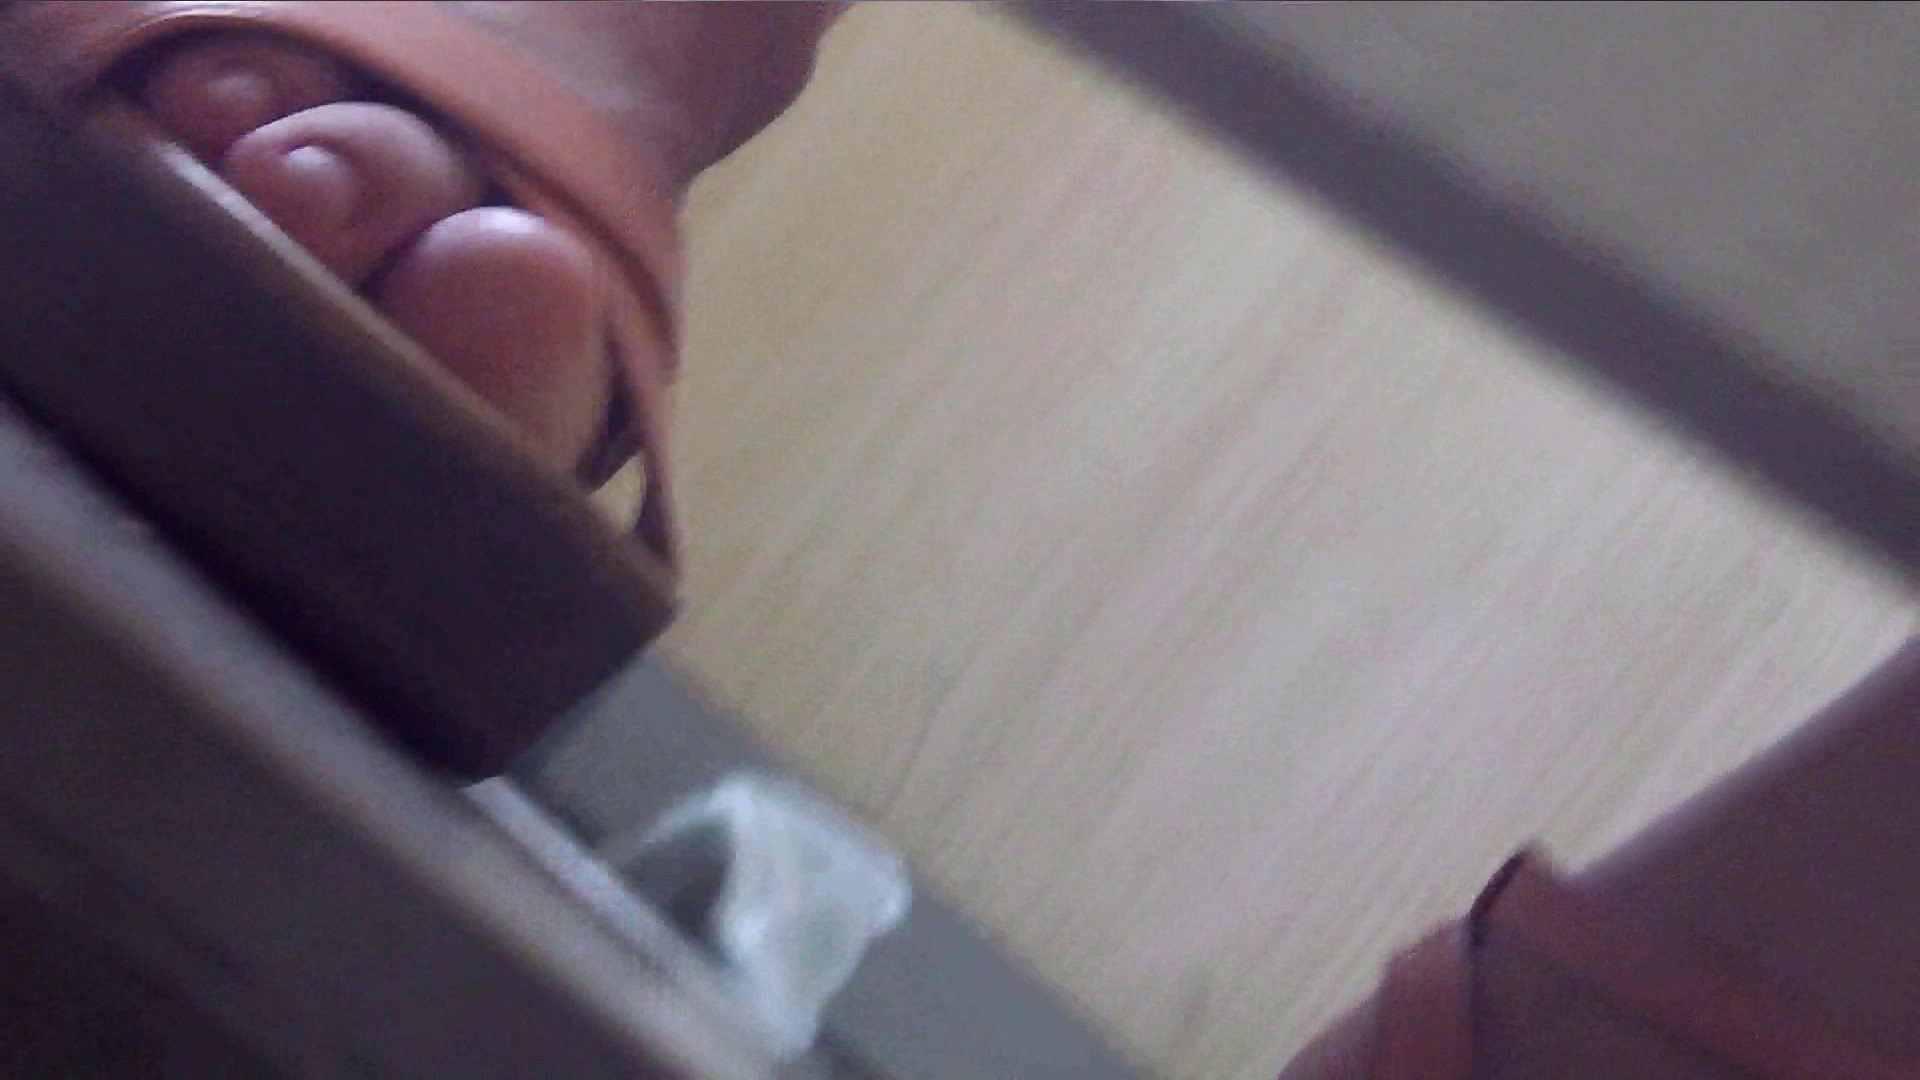 阿国ちゃんの「和式洋式七変化」No.7 洗面所  40Pix 35